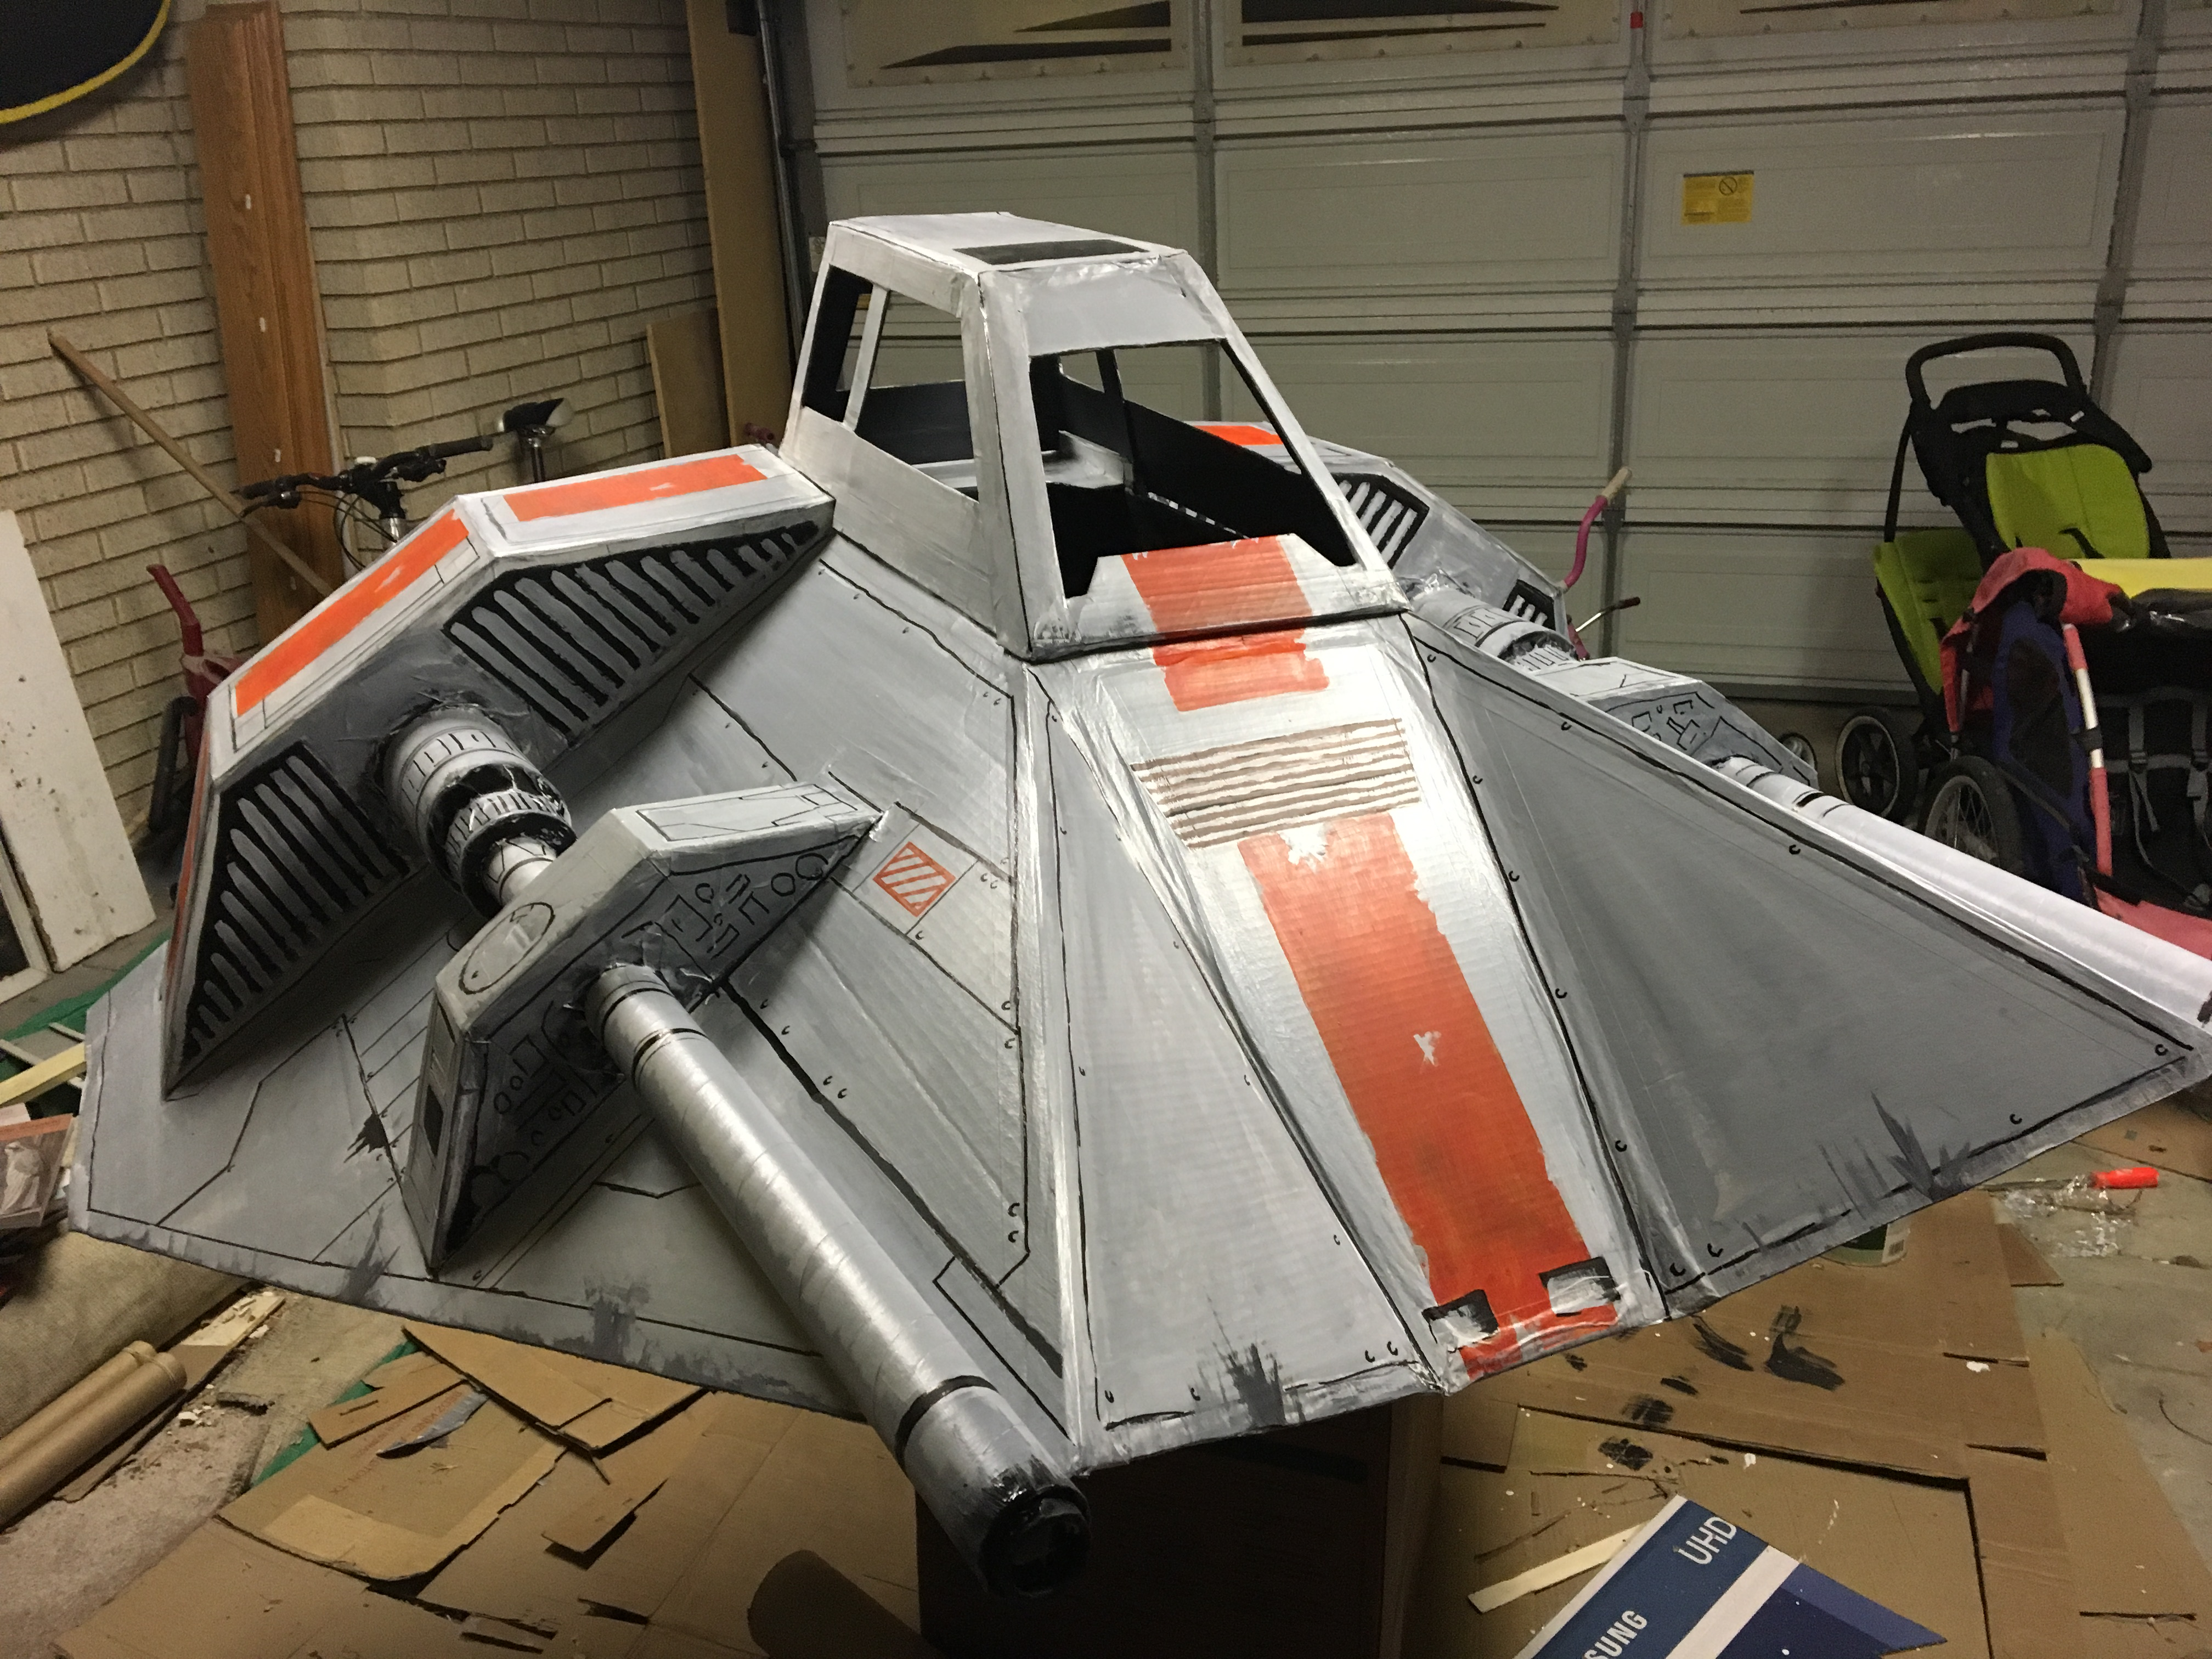 X Wings Cardboard Star Wars snowspeeder -DIY